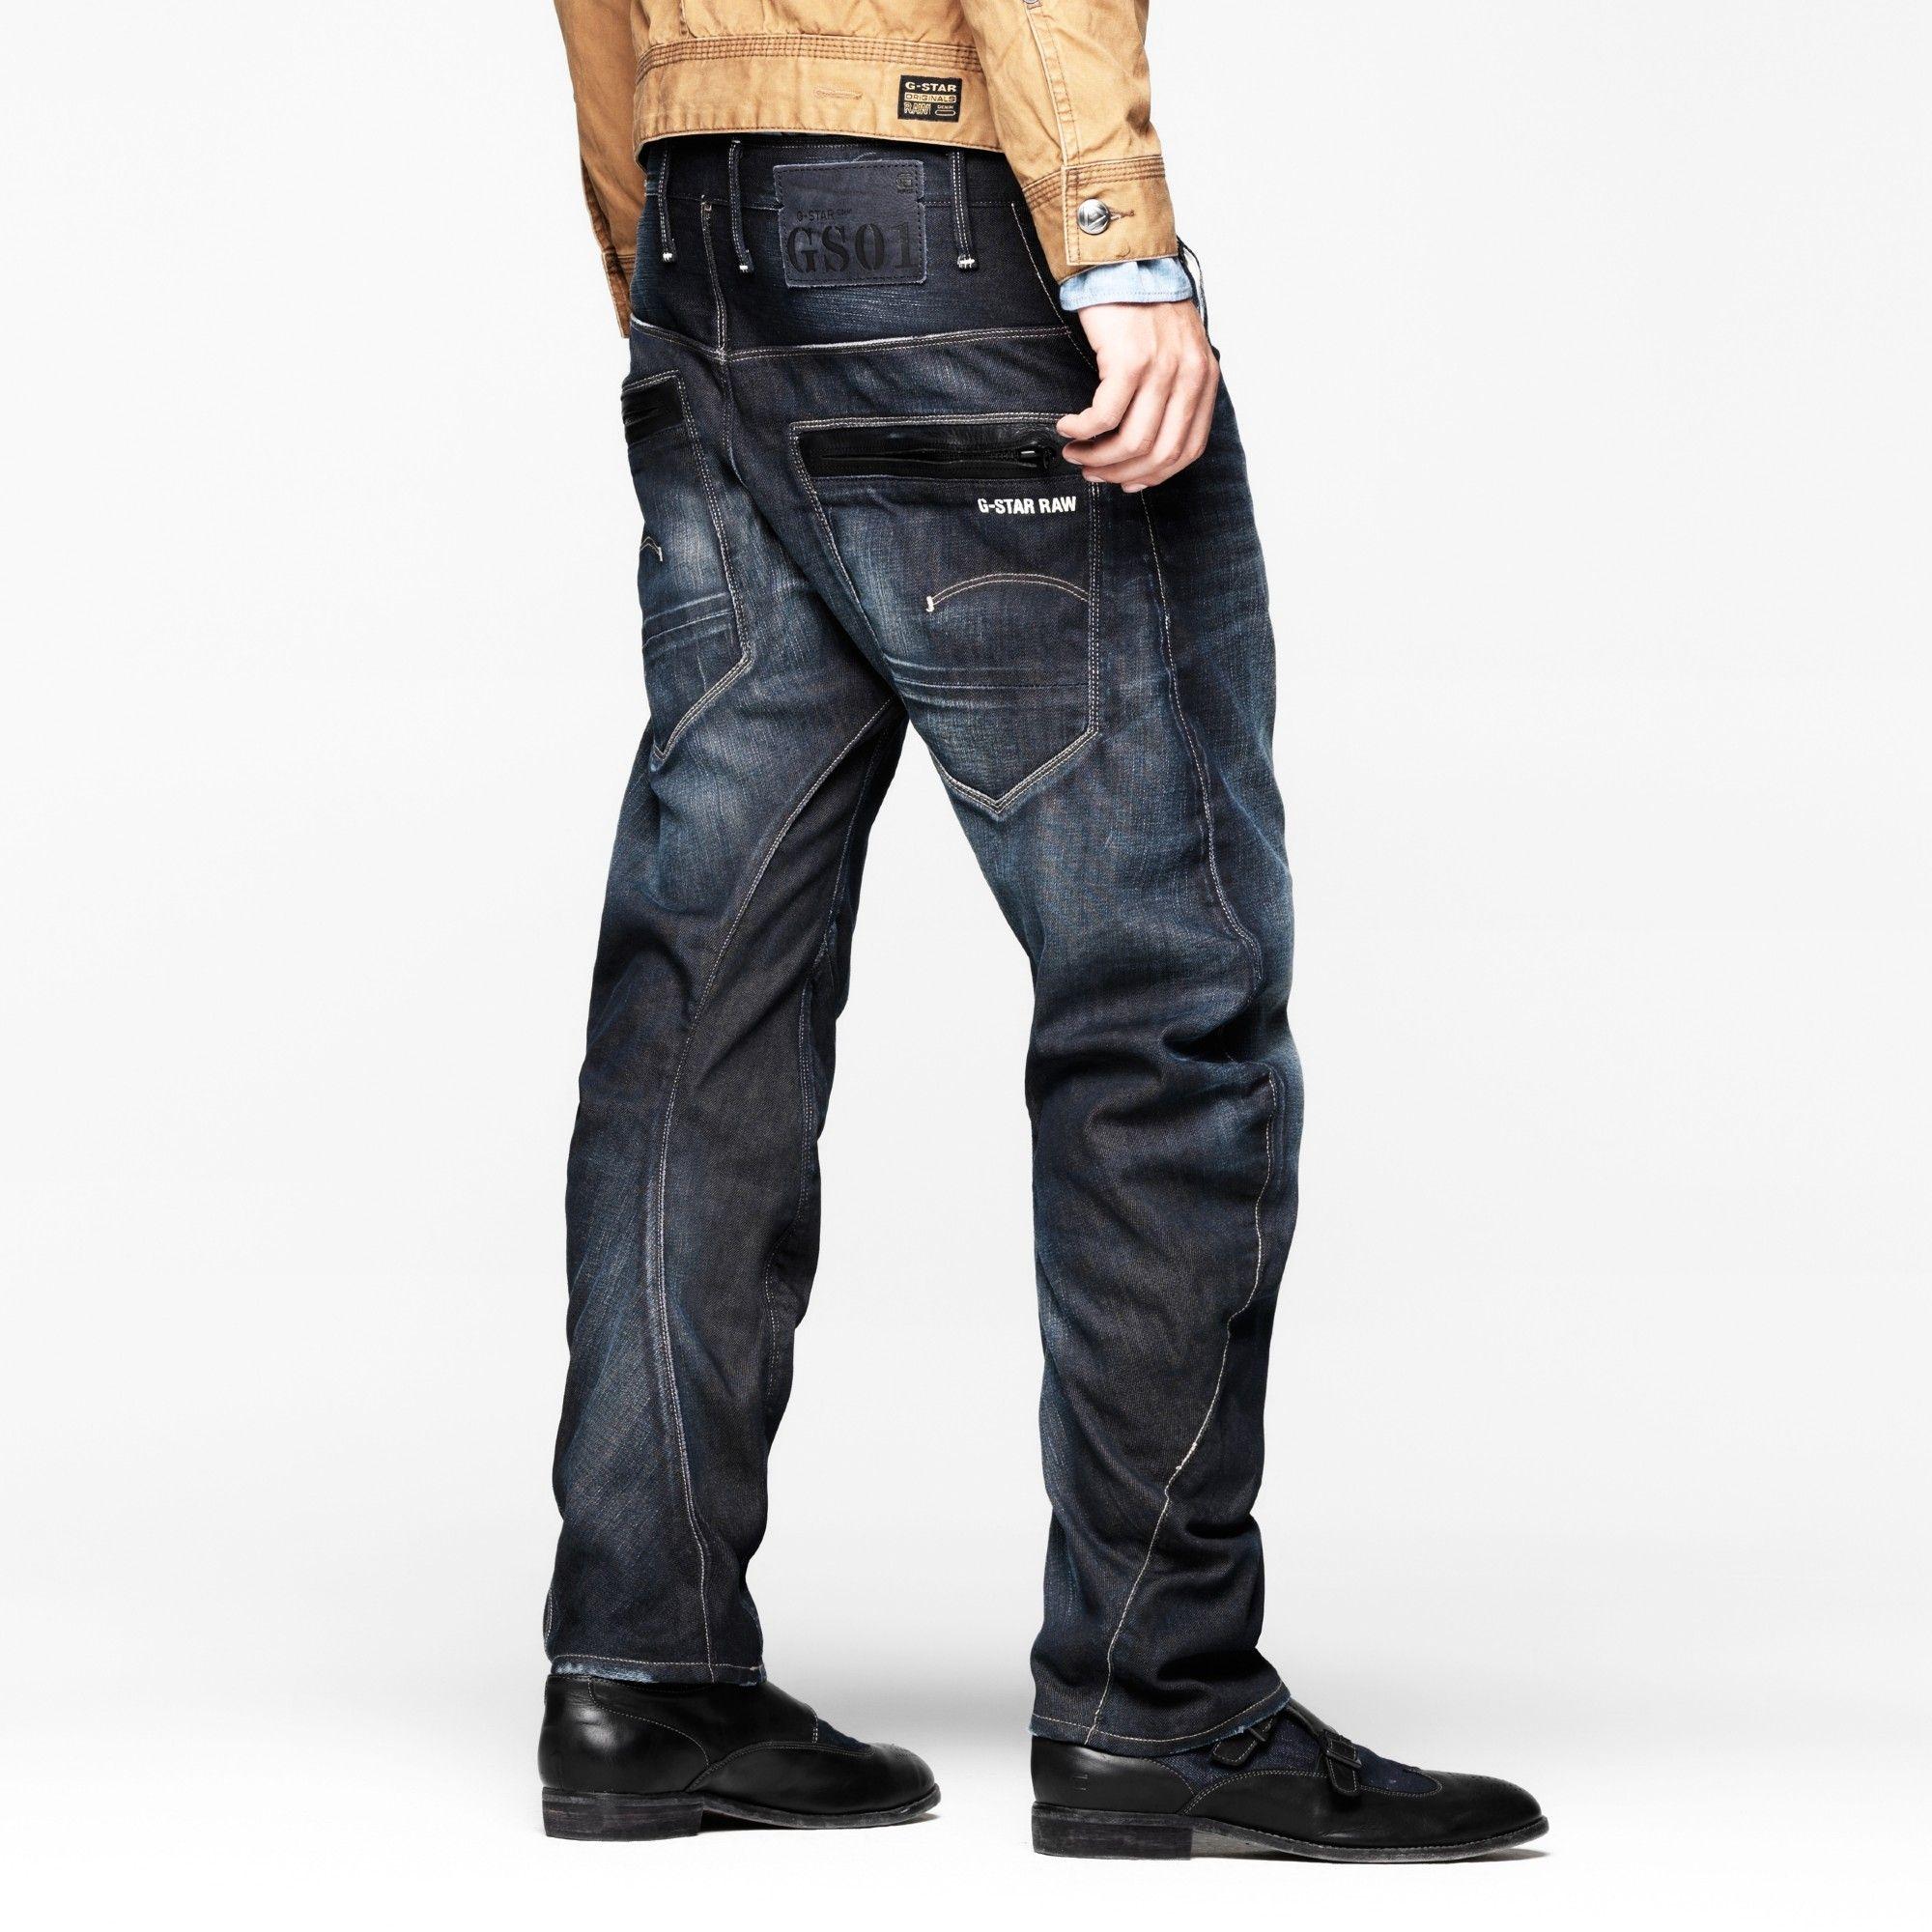 G-Star RAW New Radar Mens Slim Jeans Mens Jeans Buy Jeans for Men COLOUR-light aged